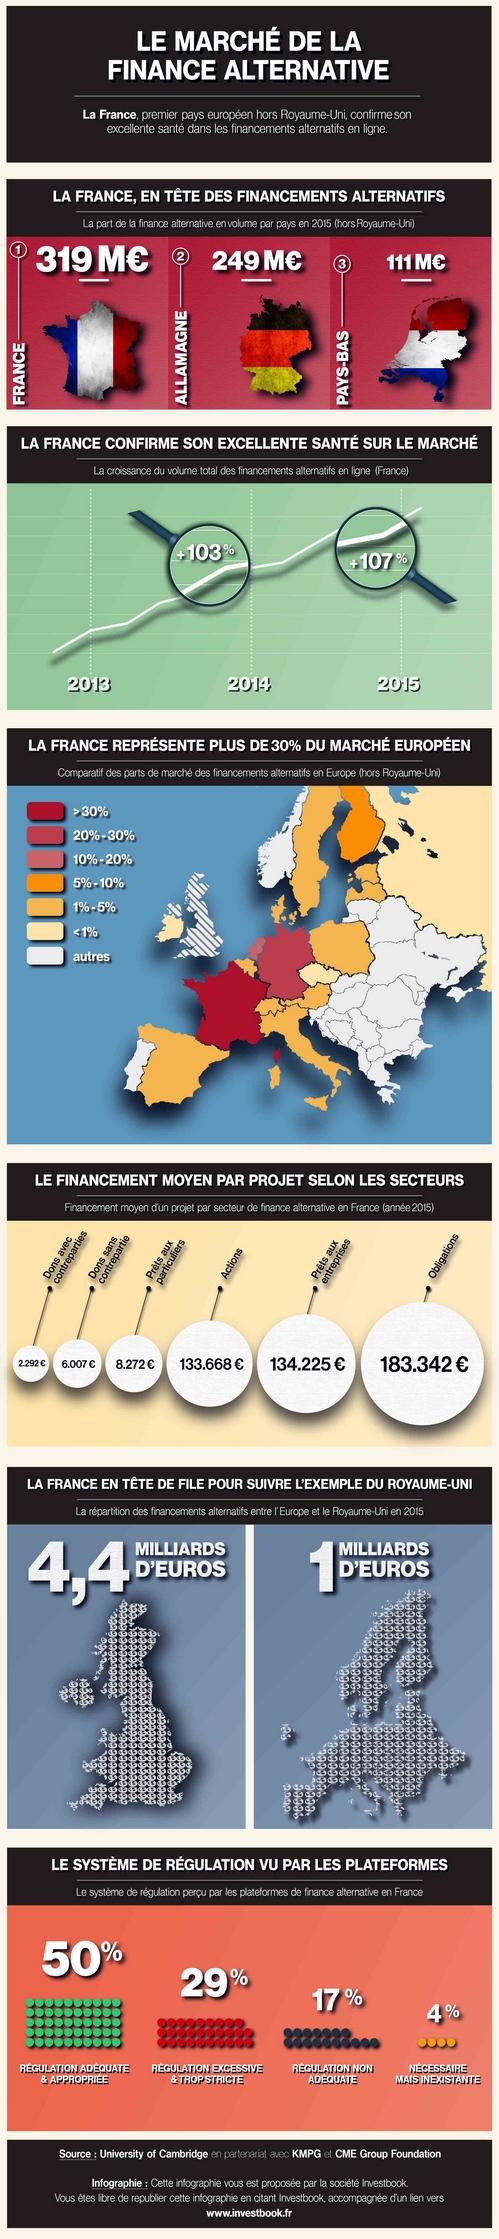 Infographie : évolution de la finance alternative en Europe